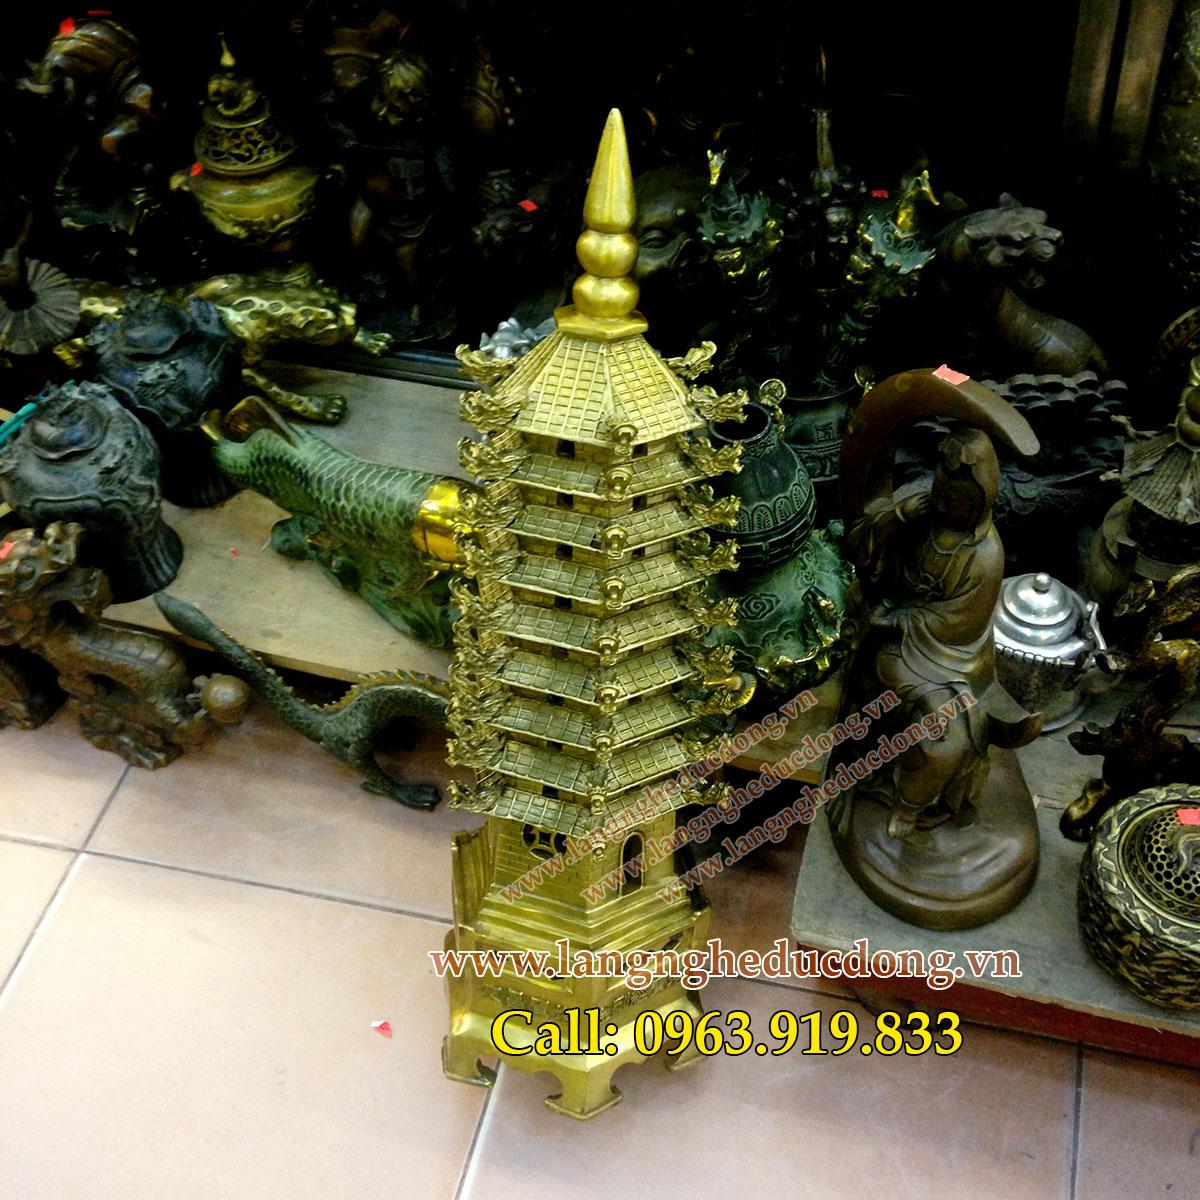 langngheducdong.vn -tháp văn xương bằng đồng phong thủy, Tháp văn xương cao 65cm